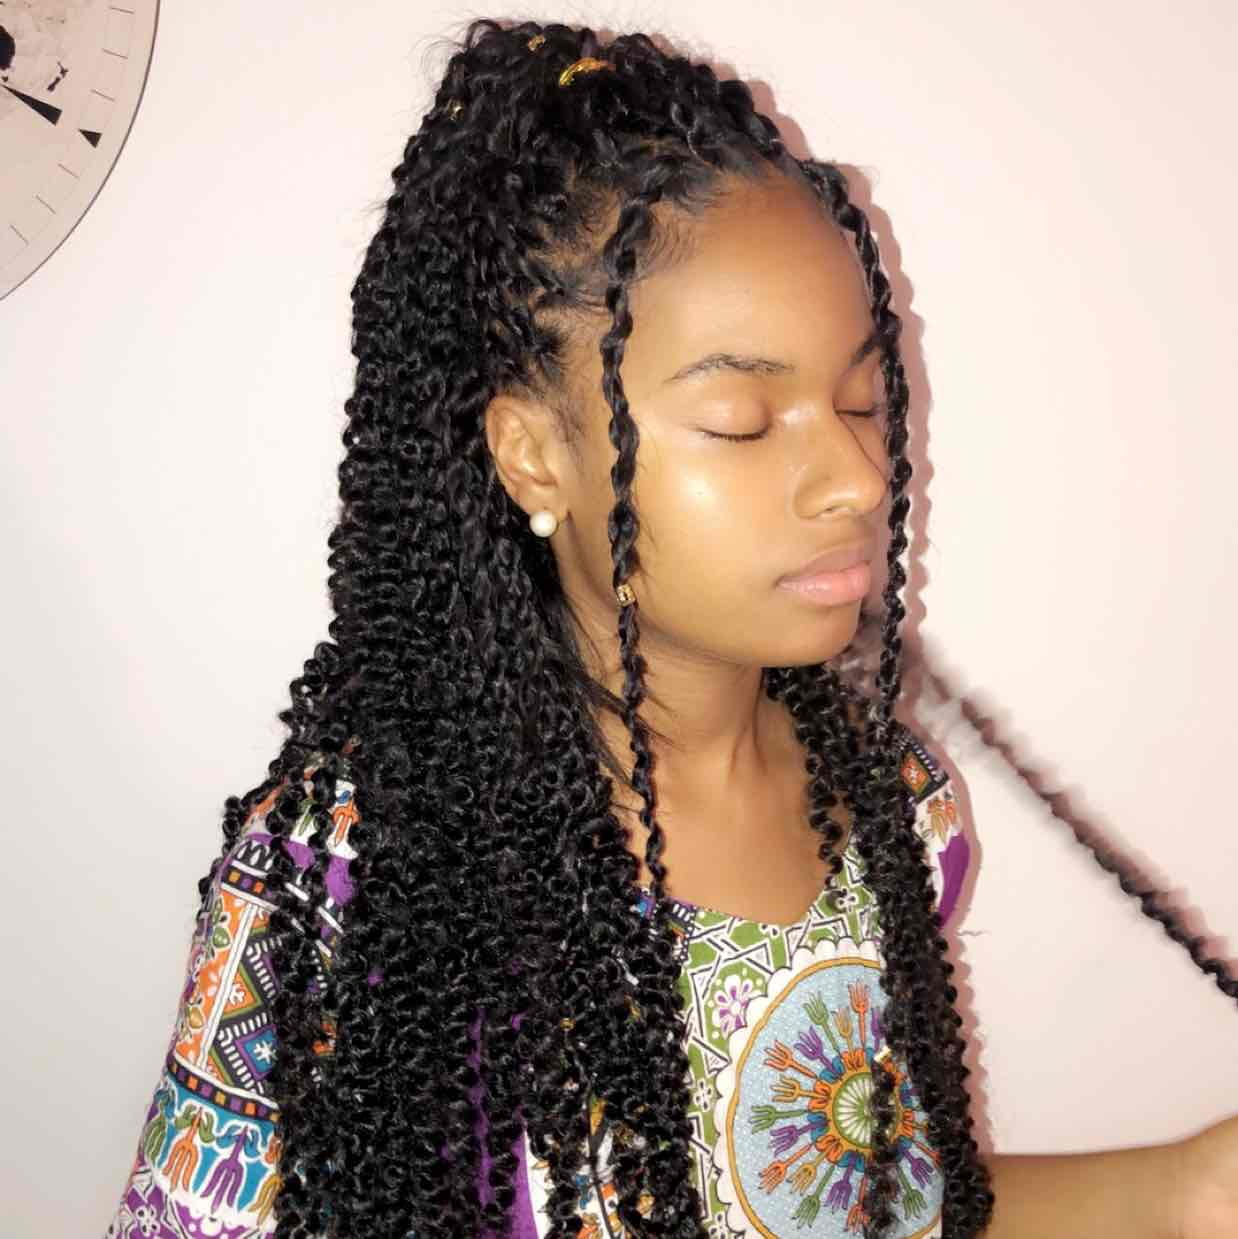 salon de coiffure afro tresse tresses box braids crochet braids vanilles tissages paris 75 77 78 91 92 93 94 95 QLPNHBHX